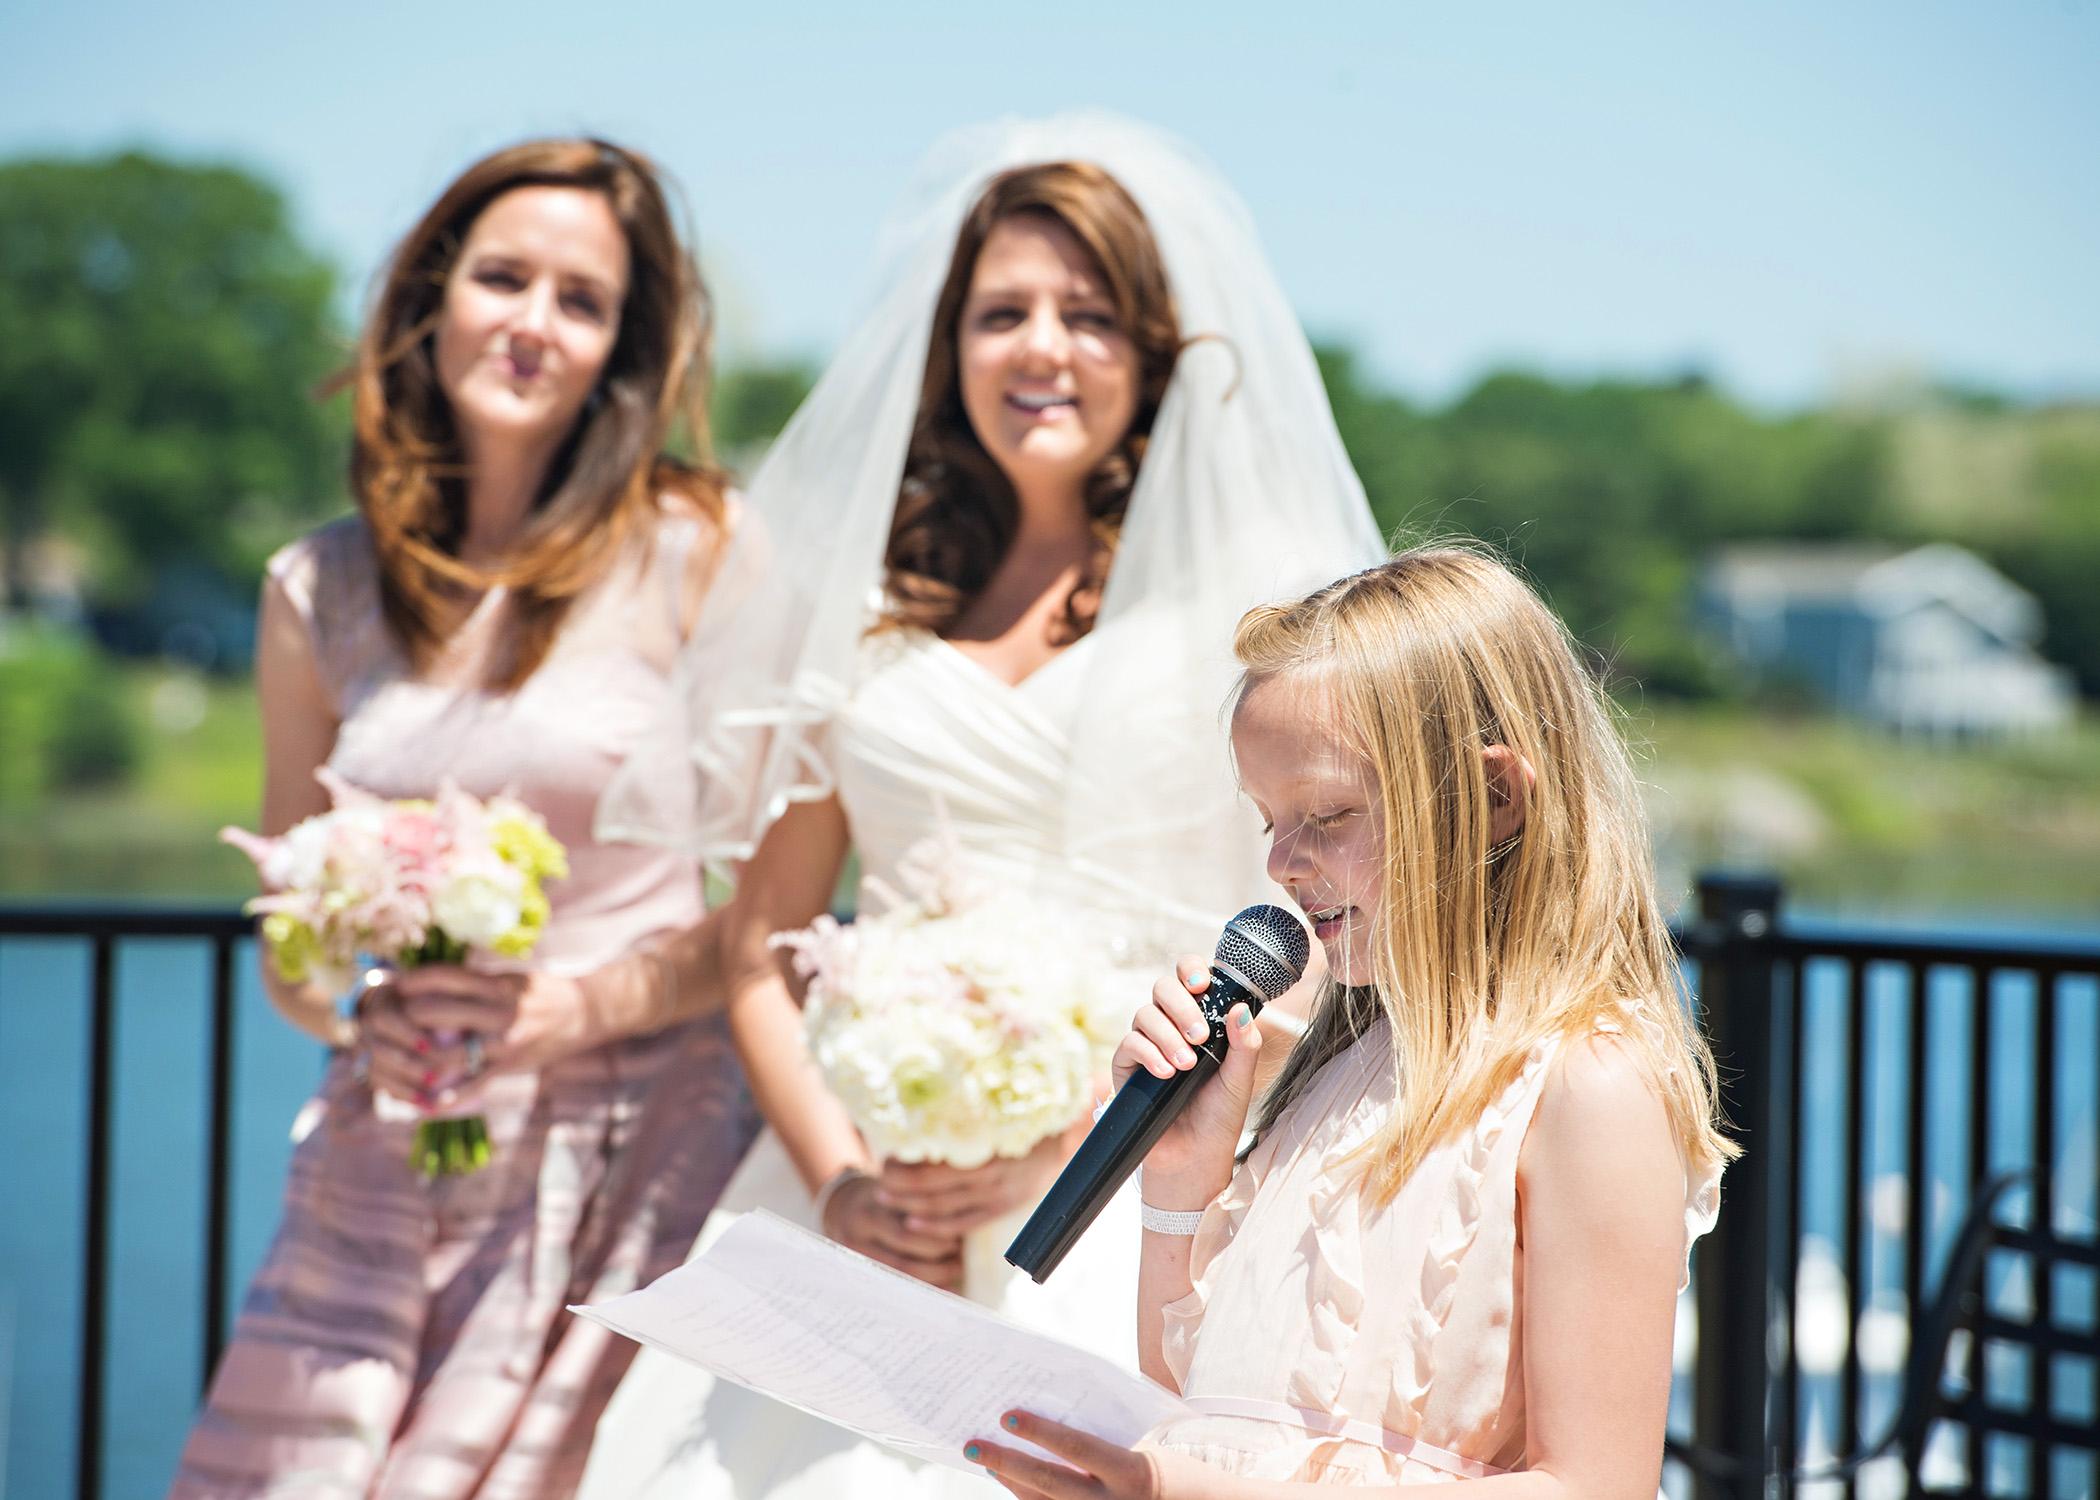 36-Sara Stadtmiller-SRS-Photography-Asbury-Park-Wedding-Photographer-Monmouth-County-Wedding-Photographer-NJ-Wedding-Photographer-Molly-Pitcher-Inn-Wedding